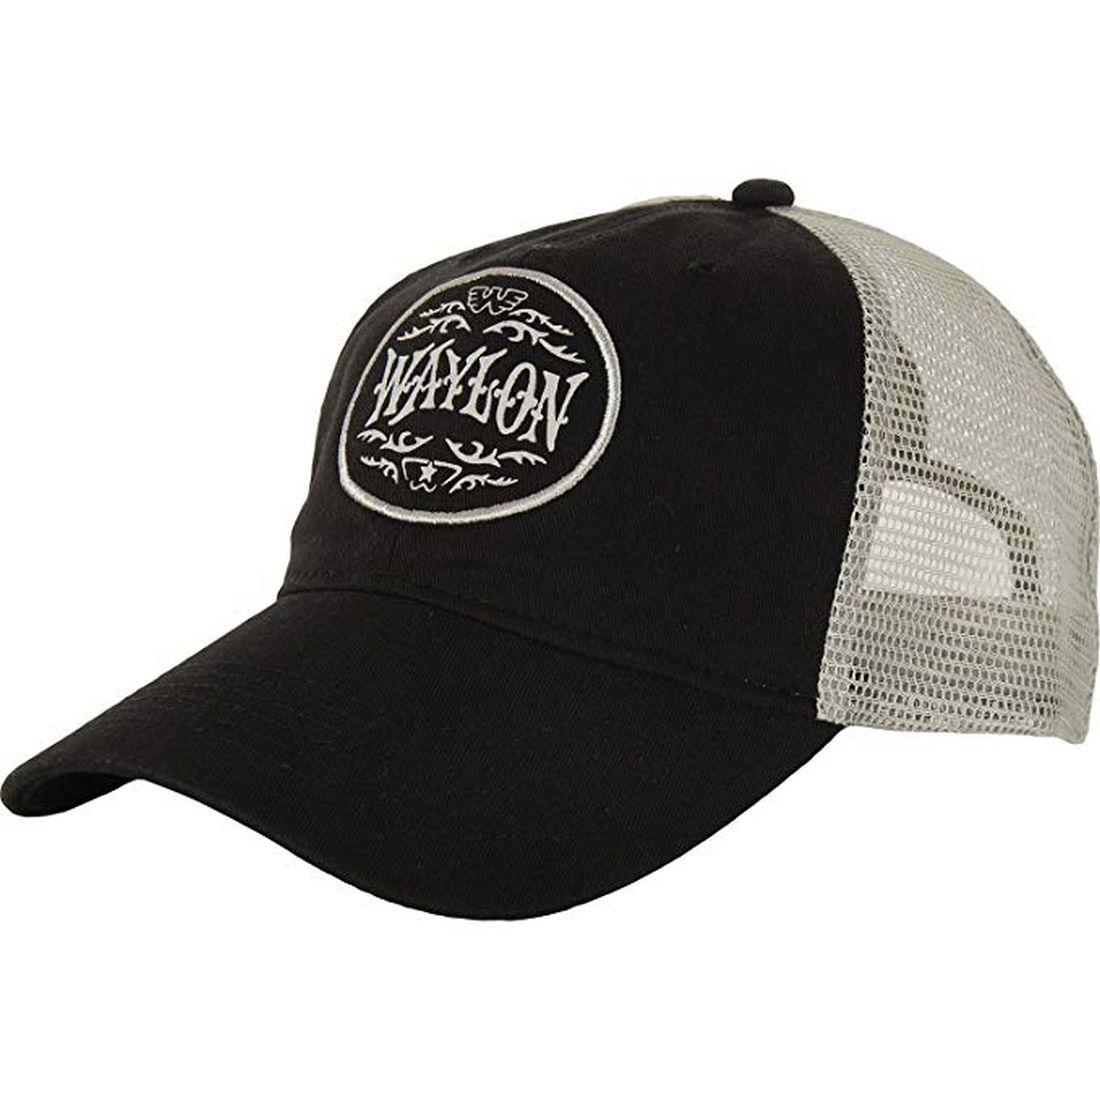 403e3ad0659 Waylon Jennings Circle Patch Trucker Hat New 665752583449